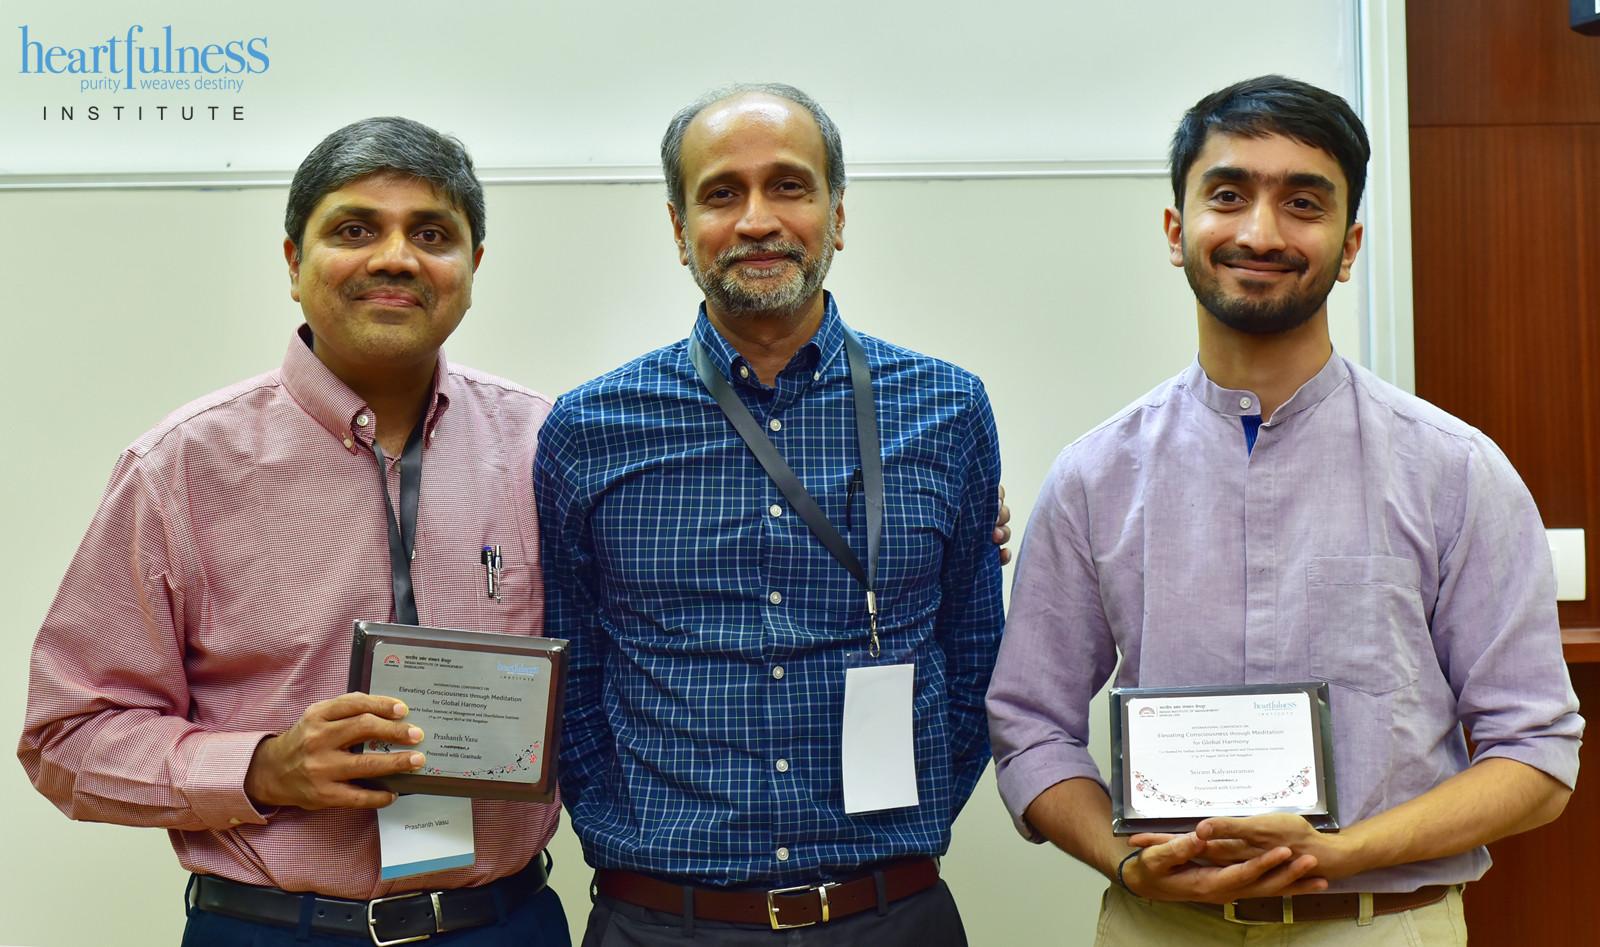 Prashanth Vasu, Tushar Pradhan and Sriram Kalyanaraman